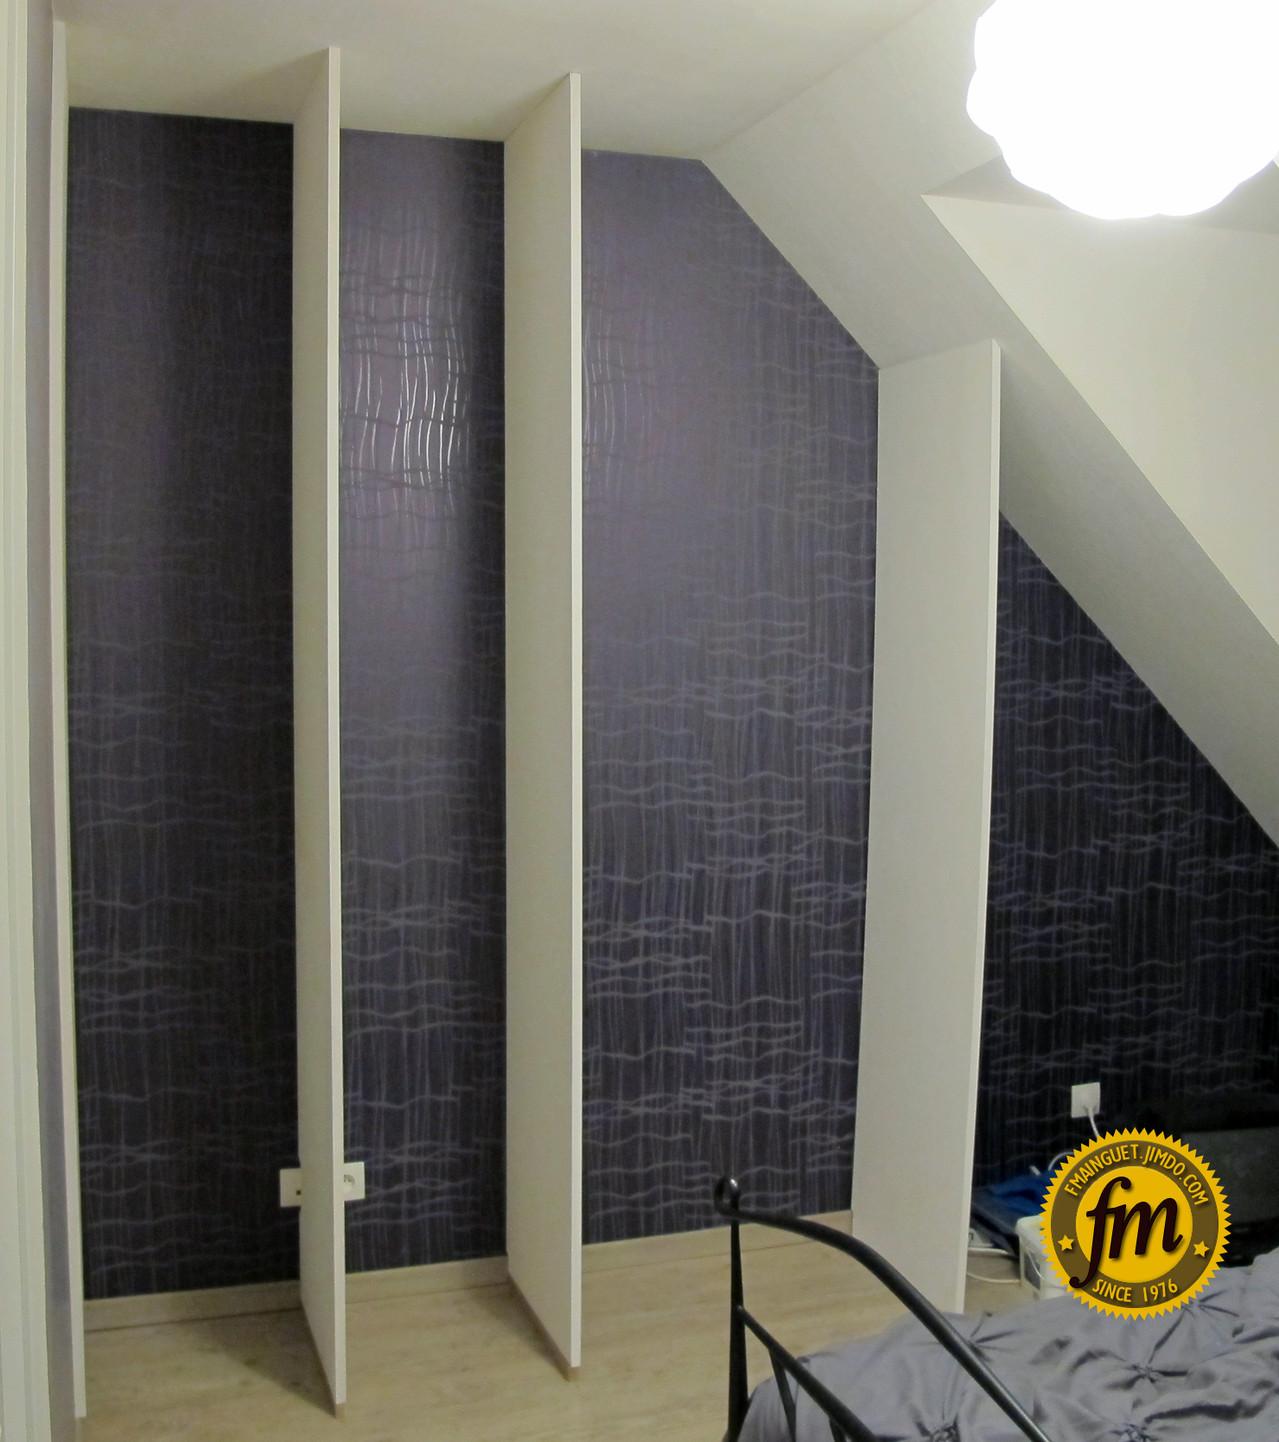 placard sur mesure site de fr d ric mainguet. Black Bedroom Furniture Sets. Home Design Ideas